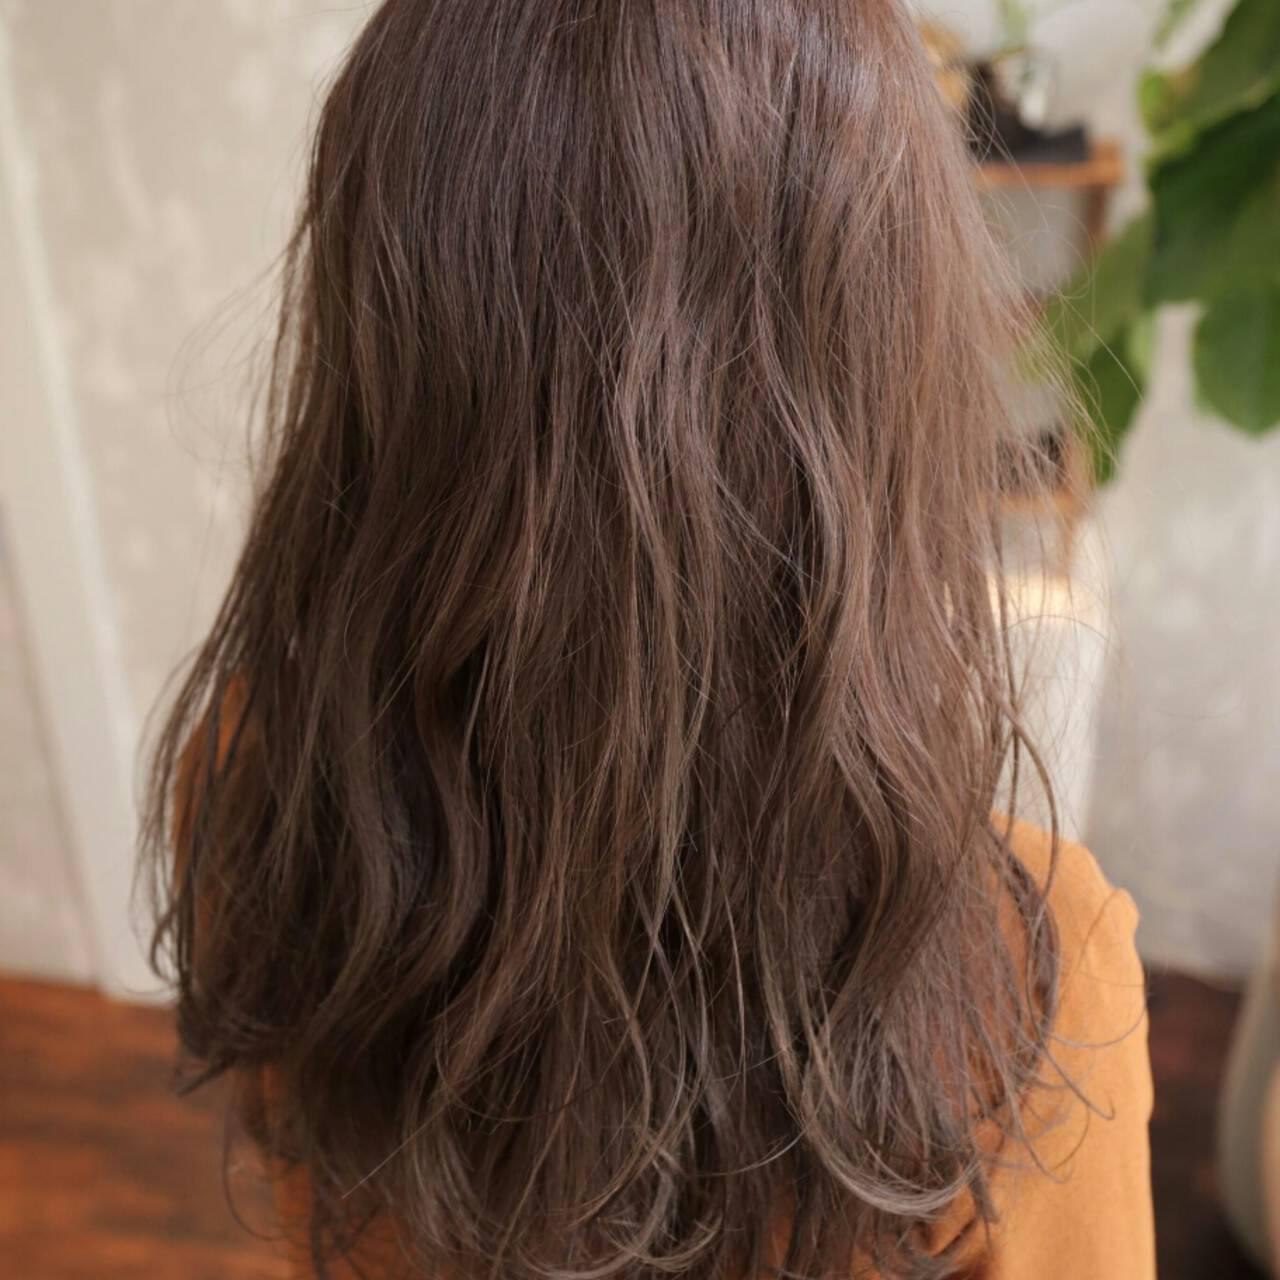 ゆるふわ 外国人風 大人かわいい セミロングヘアスタイルや髪型の写真・画像